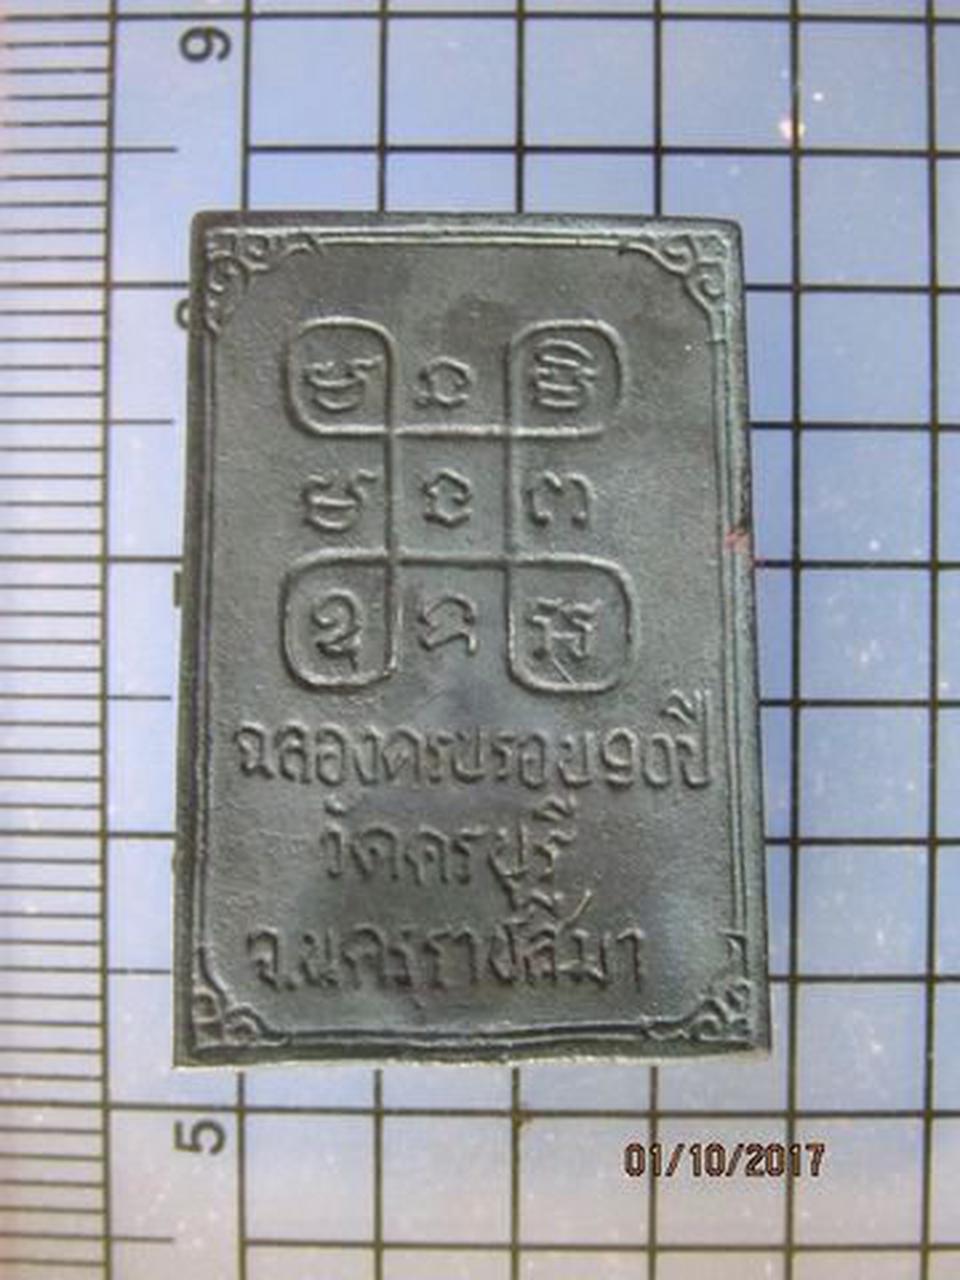 4720 เหรียญหล่อหลวงปู่ นิล วัดครบุรี ฉลองอายุครบ 90 ปี ปี253 รูปที่ 4